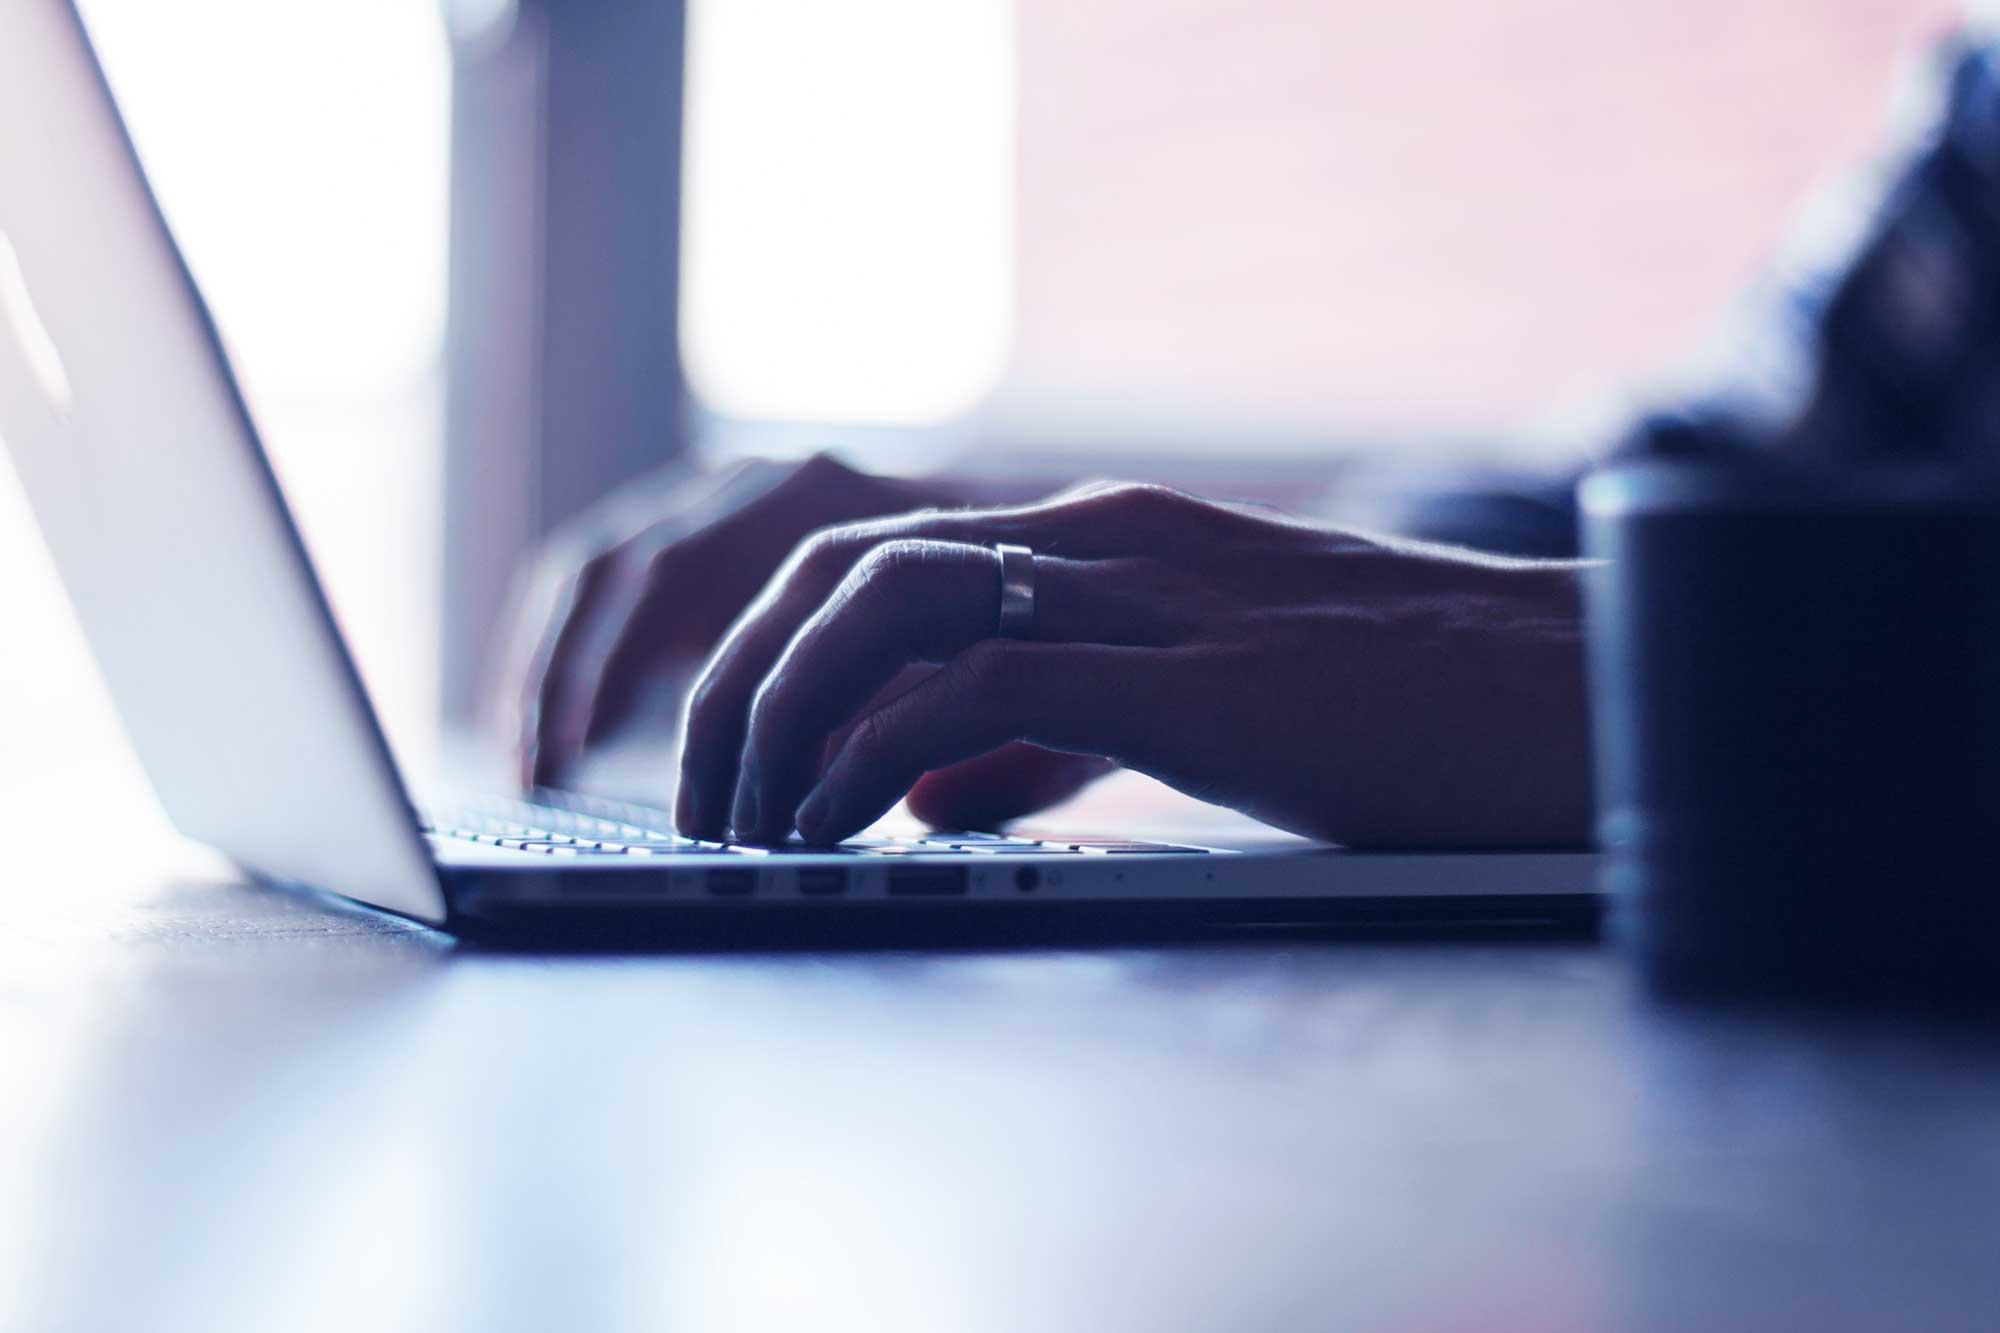 come-difendere-la-privacy-su-internet-dettaglio